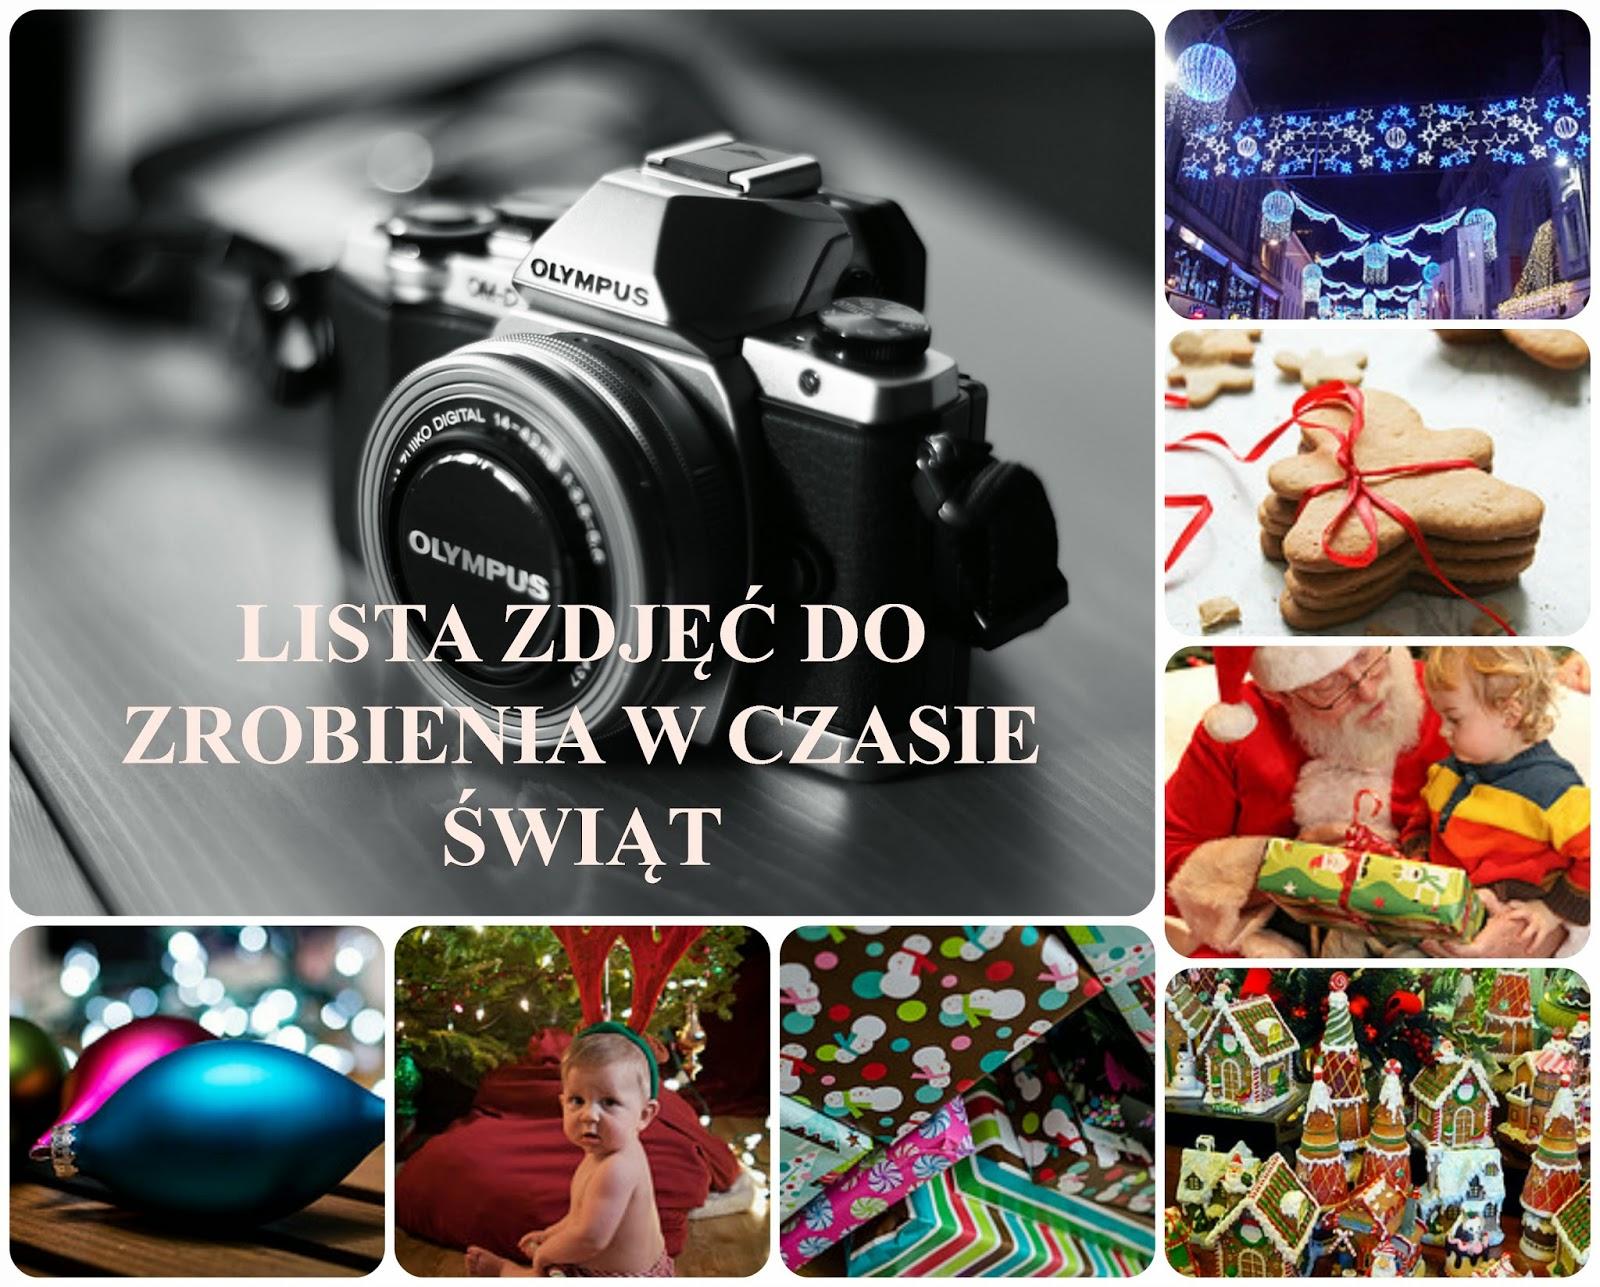 Lista zdjęć do zrobienia w czasie Świąt Bożego Narodzenia